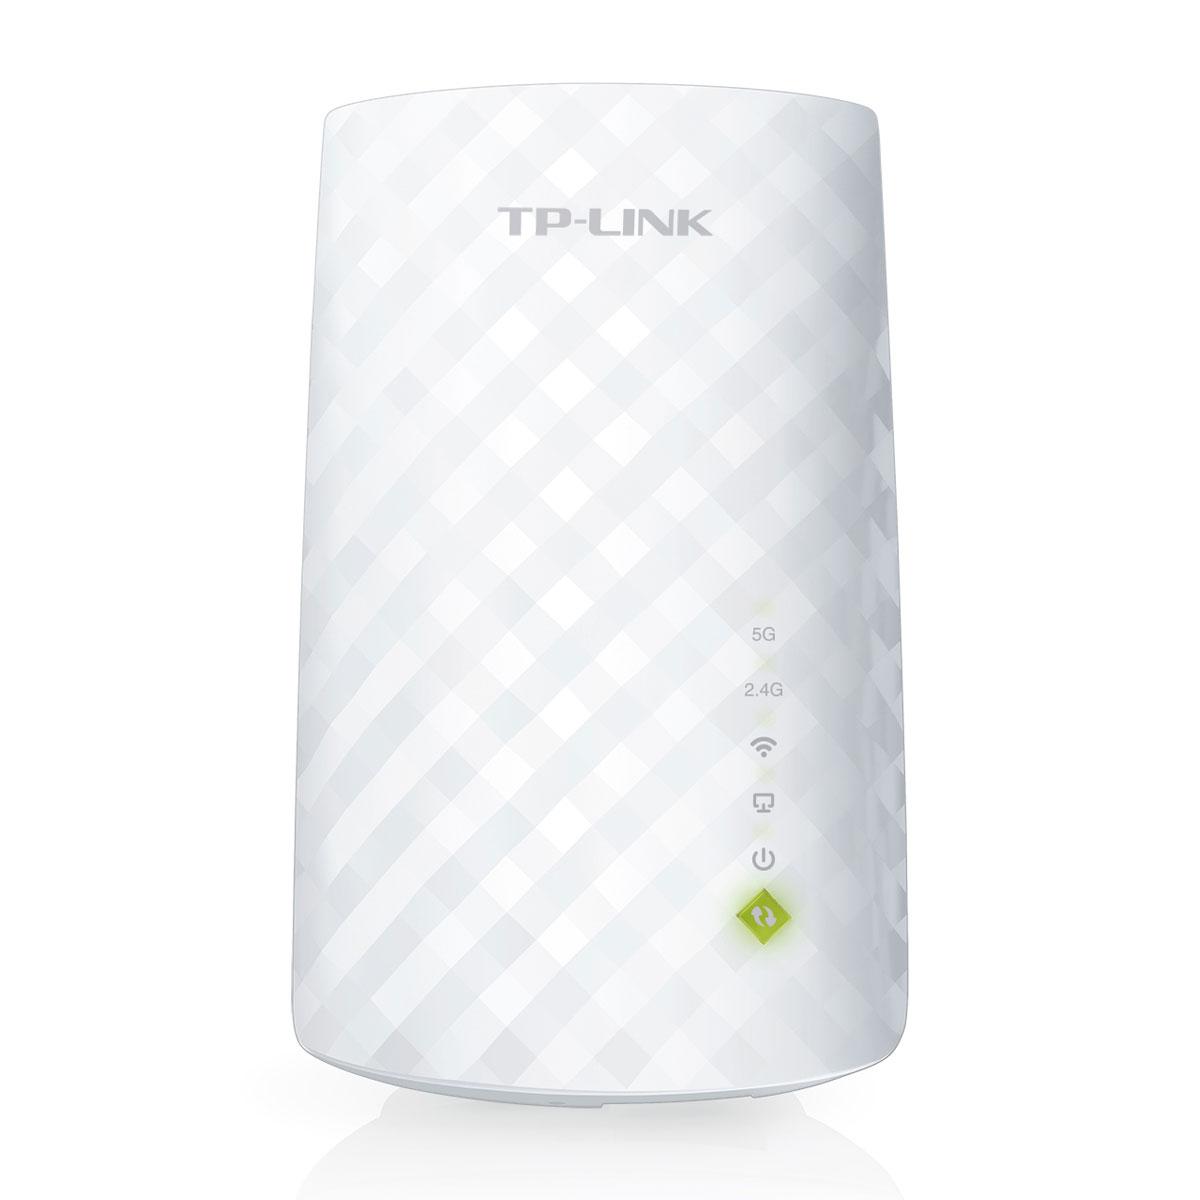 Point d'accès et Répéteur WiFi TP-Link RE200 AC750 WiFi Range Extender (RE200) - Achat / Vente Point d'accès et Répéteur WiFi sur Picata.fr - 1